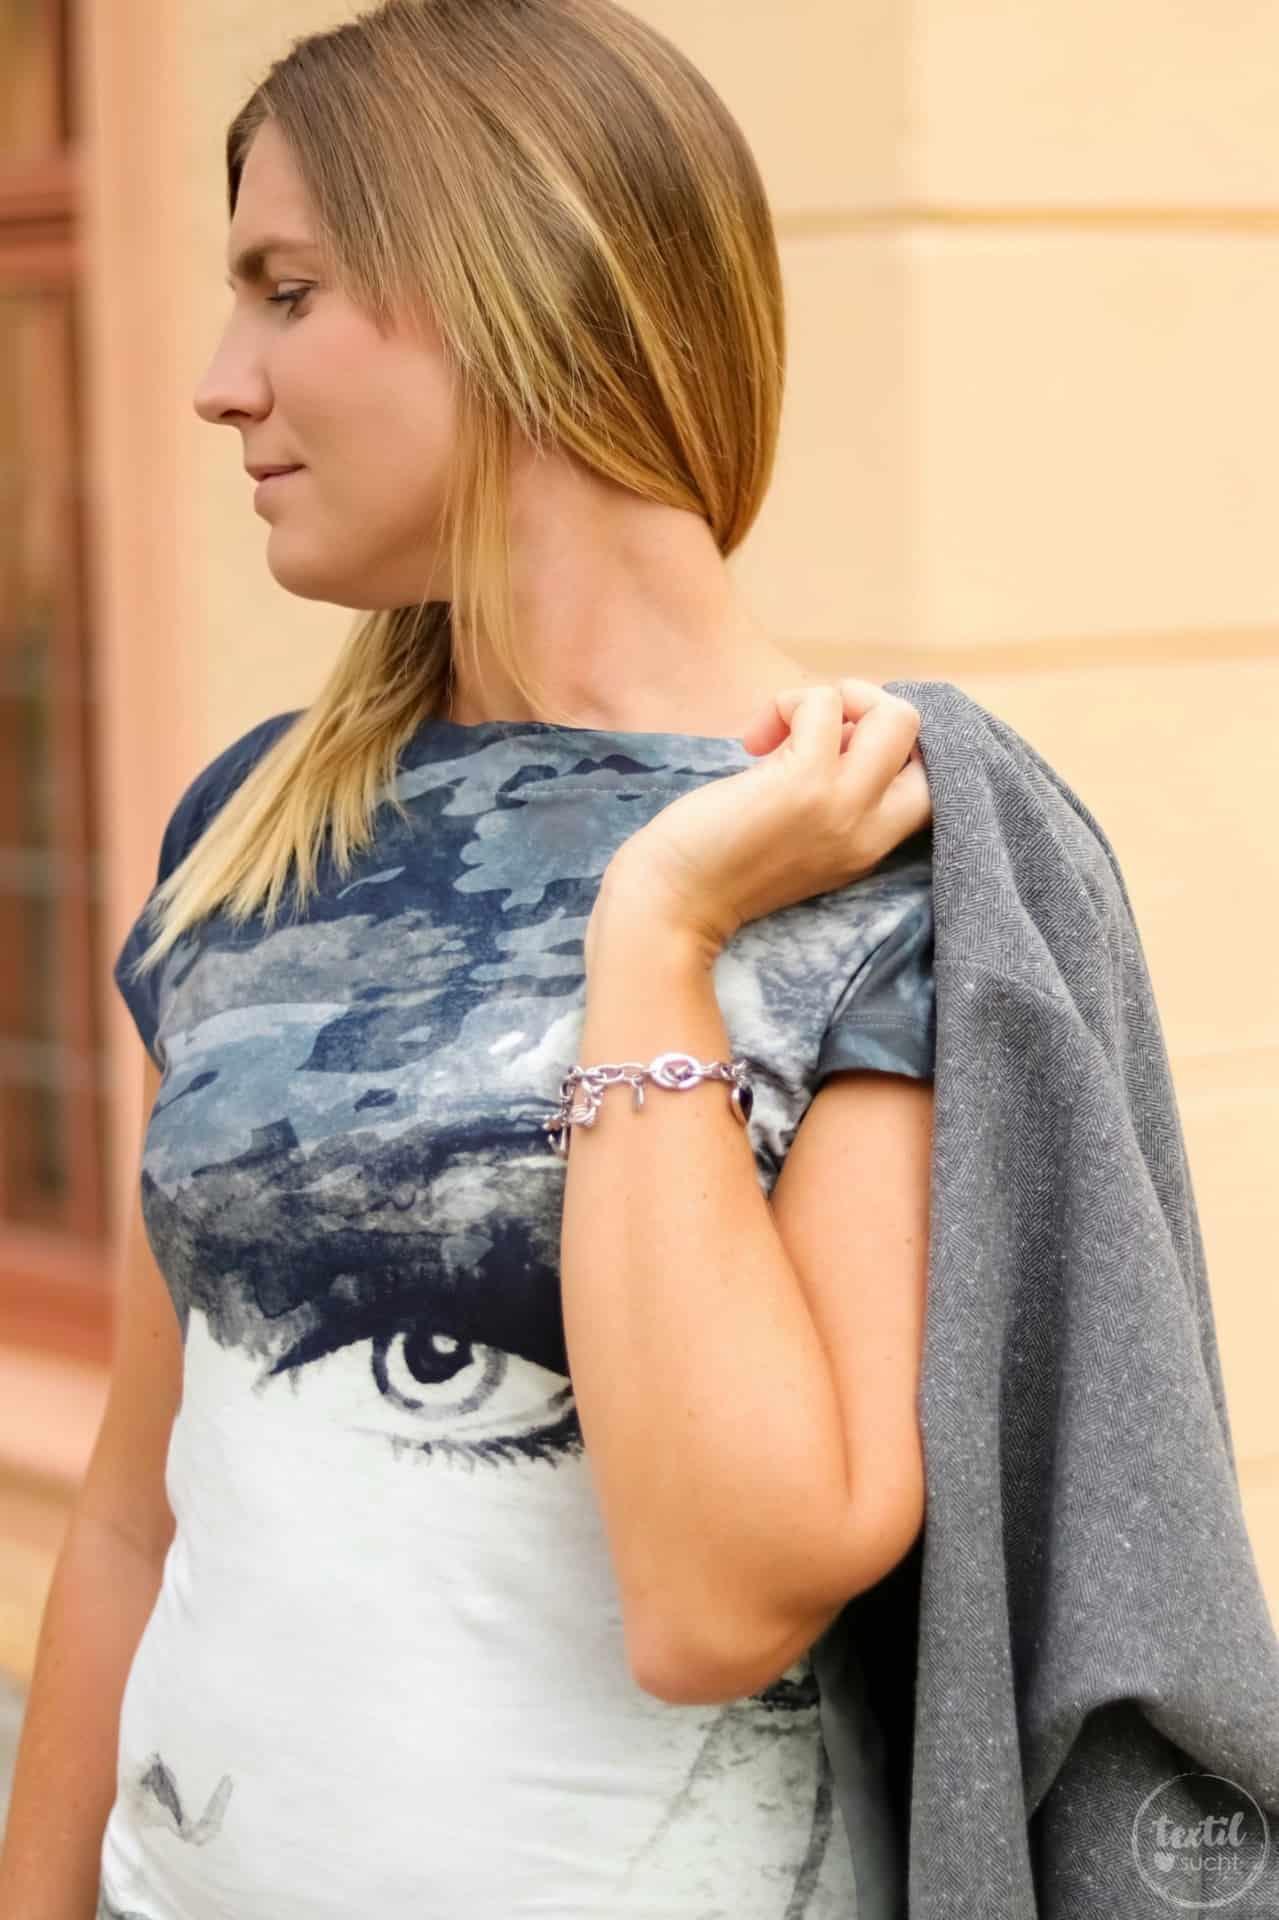 Falsche Selbsteinschätzung, eine kleine Erleuchtung und mein neues Kleid - Bild 8 | textilsucht®